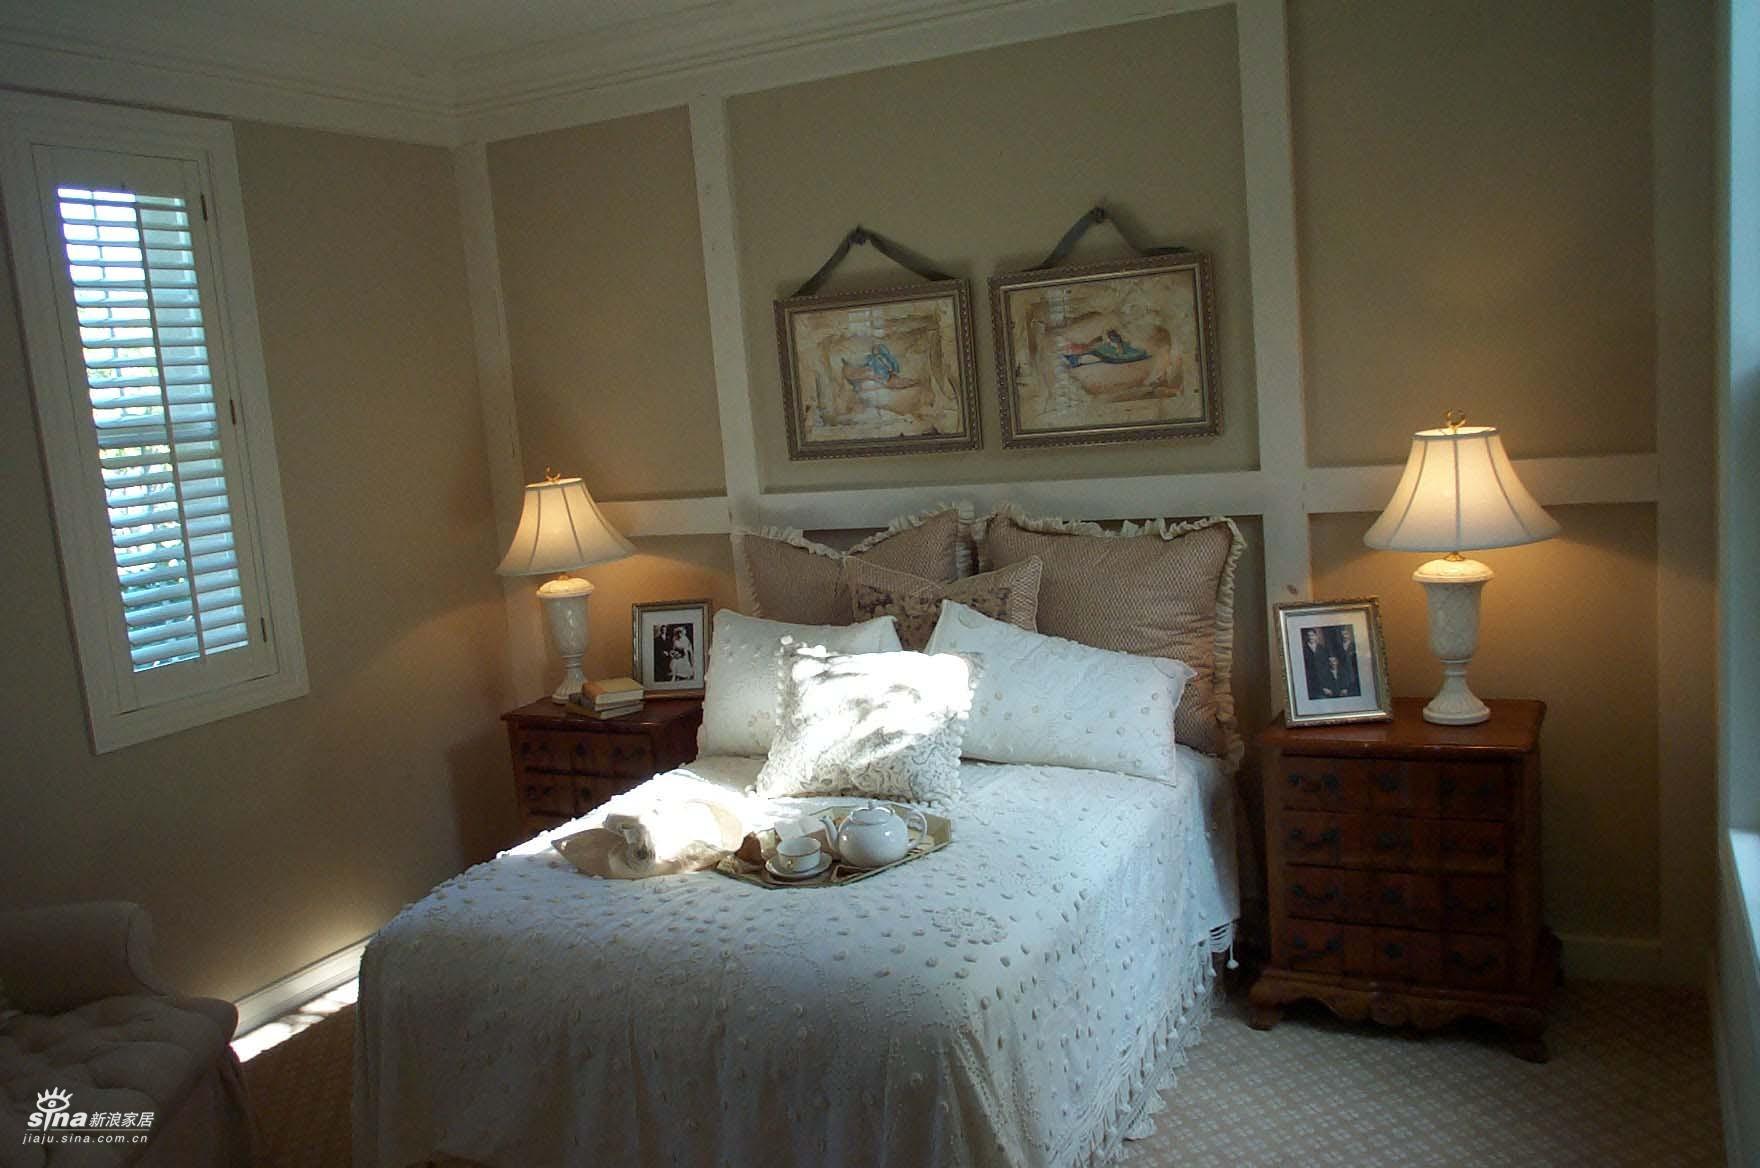 简约 二居 卧室图片来自用户2739153147在艺术生活 文静色彩更具哲学57的分享